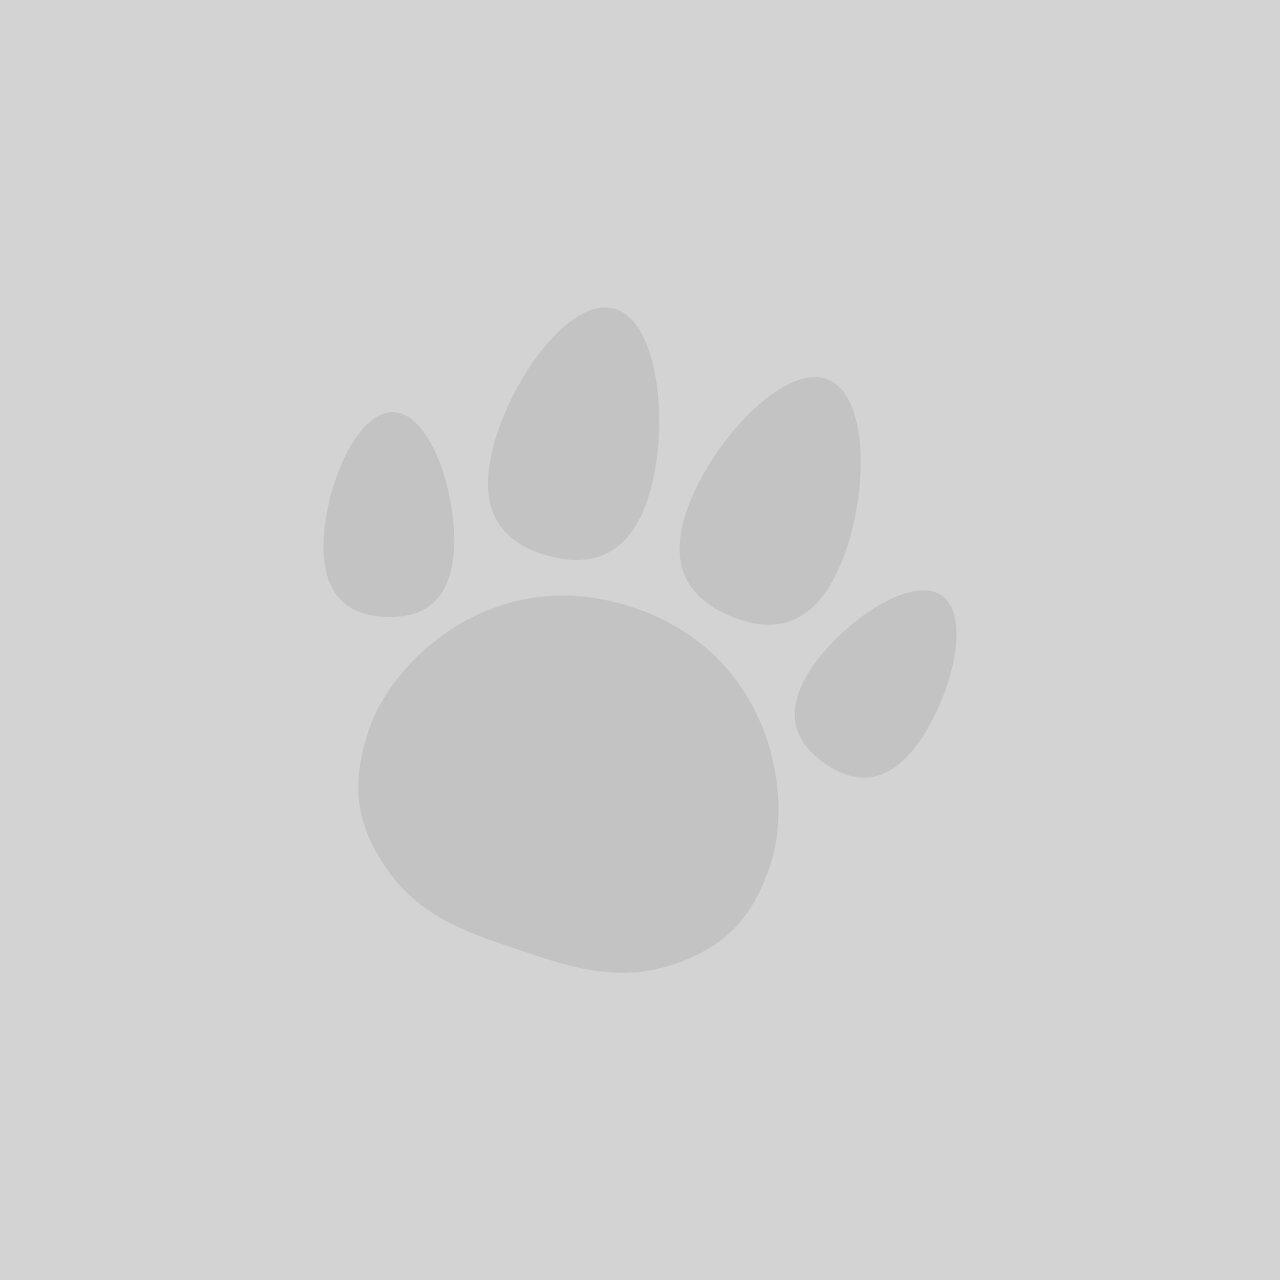 TastyBone Peanut Butter Nylon Toy Dog and Puppy Bone